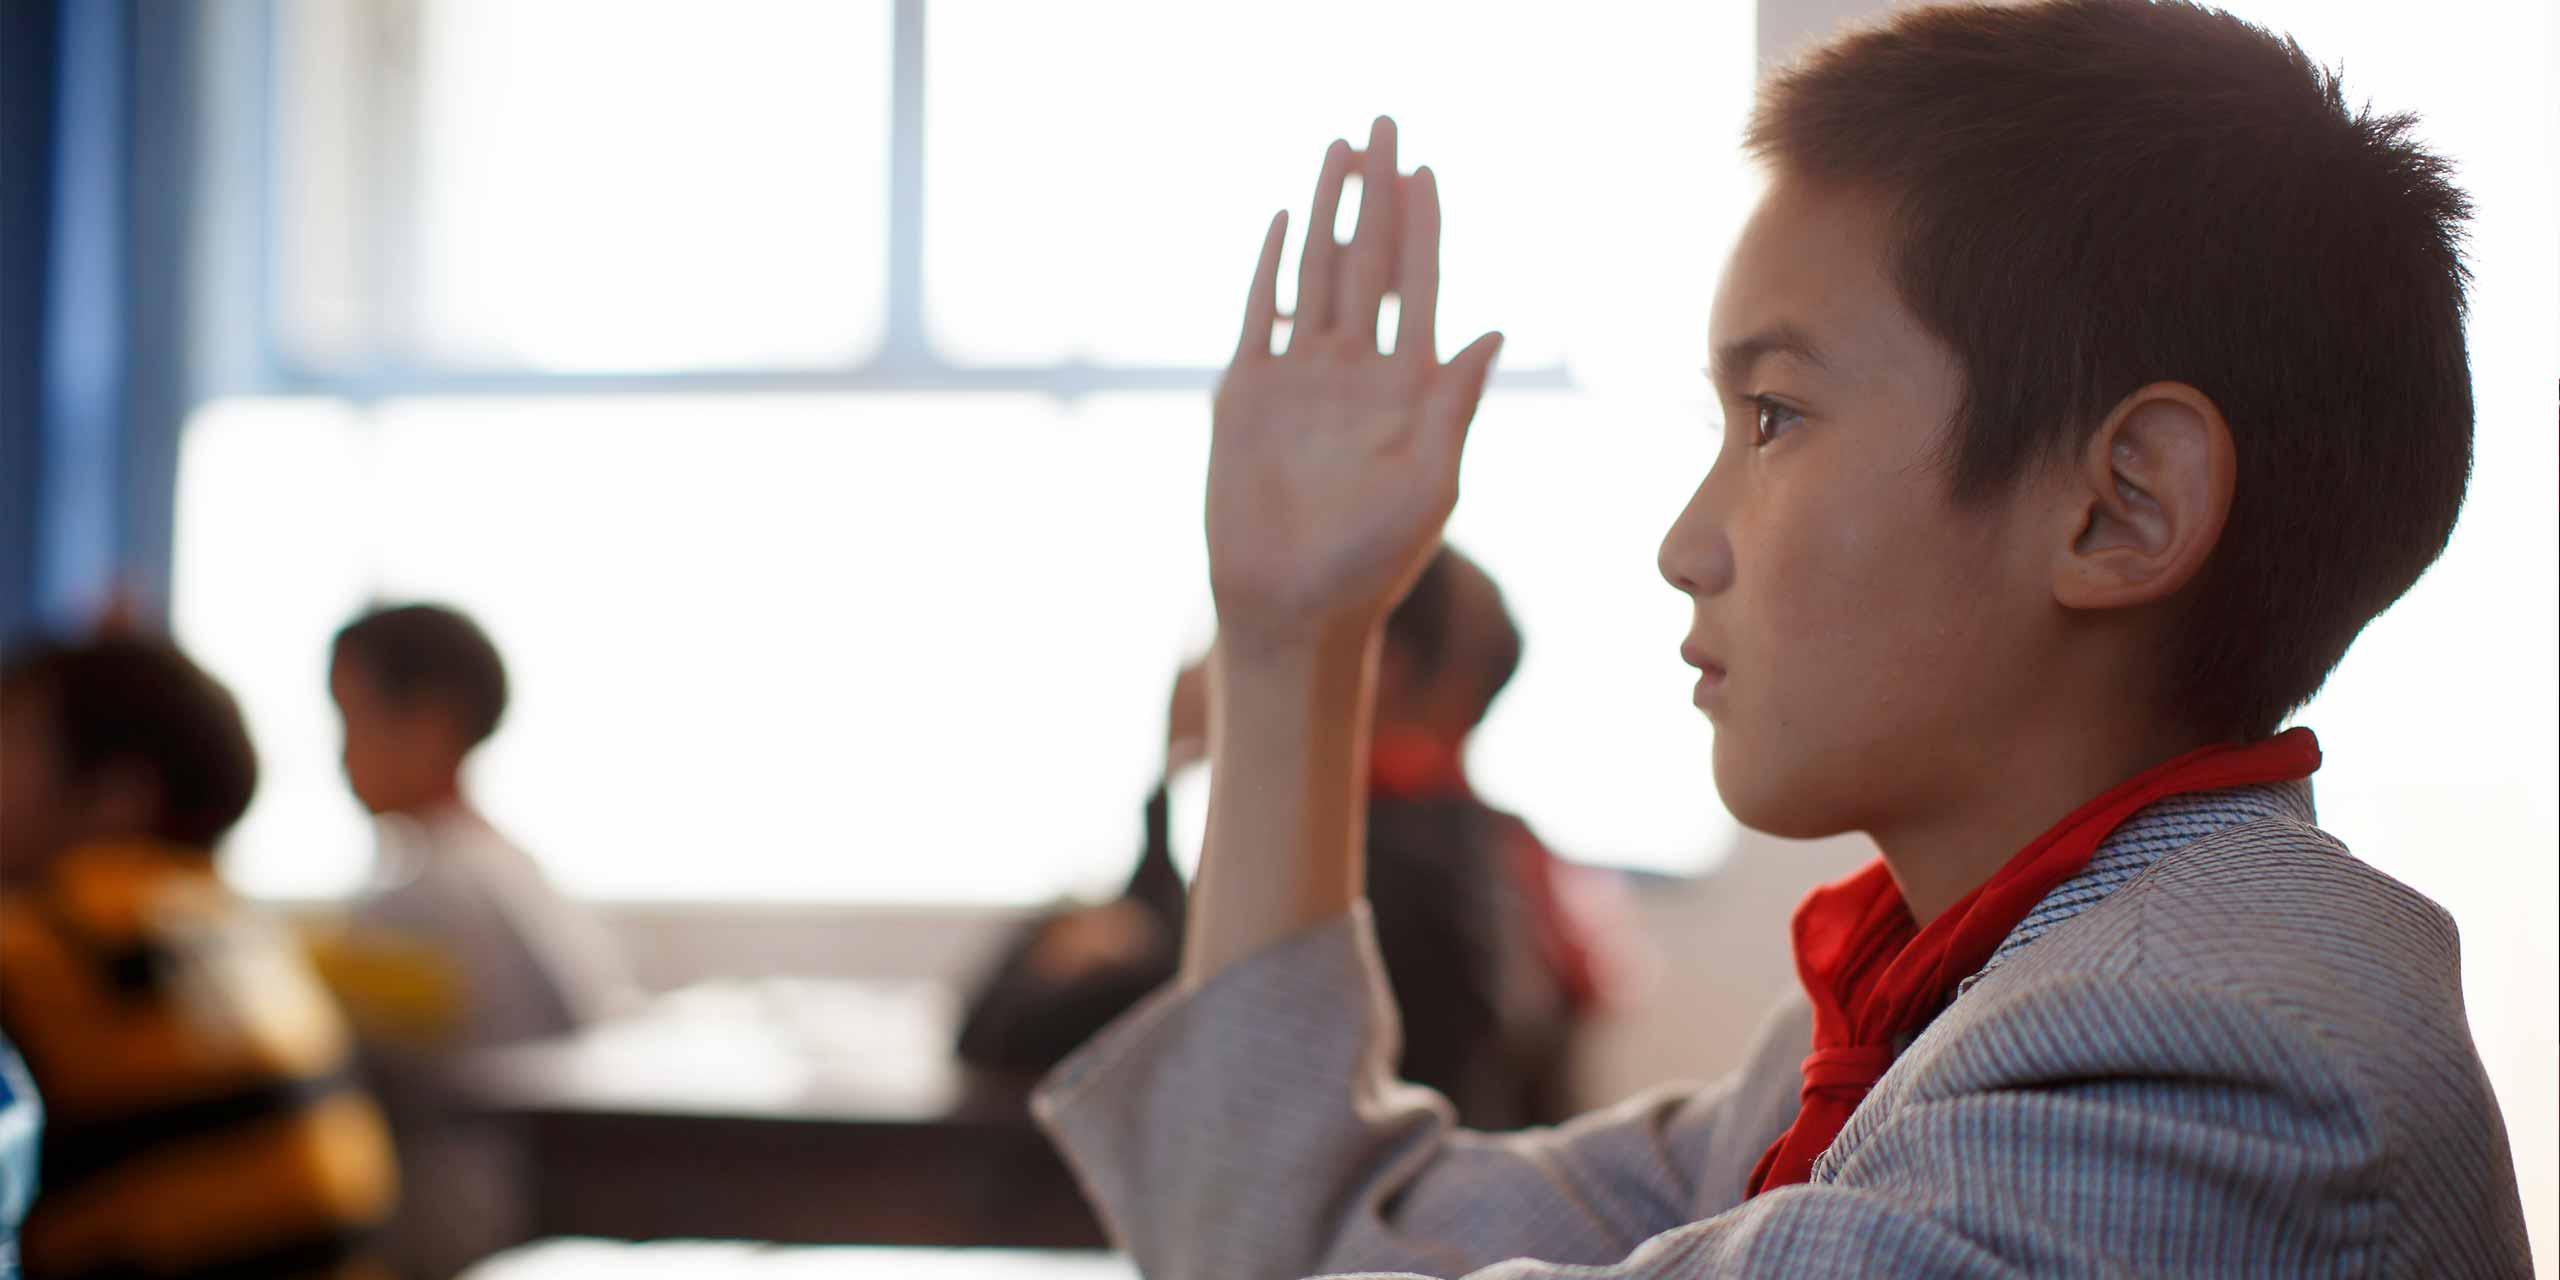 http://staging.skoll.org/wp-content/uploads/2014/10/teach-for-all-sl4.jpg